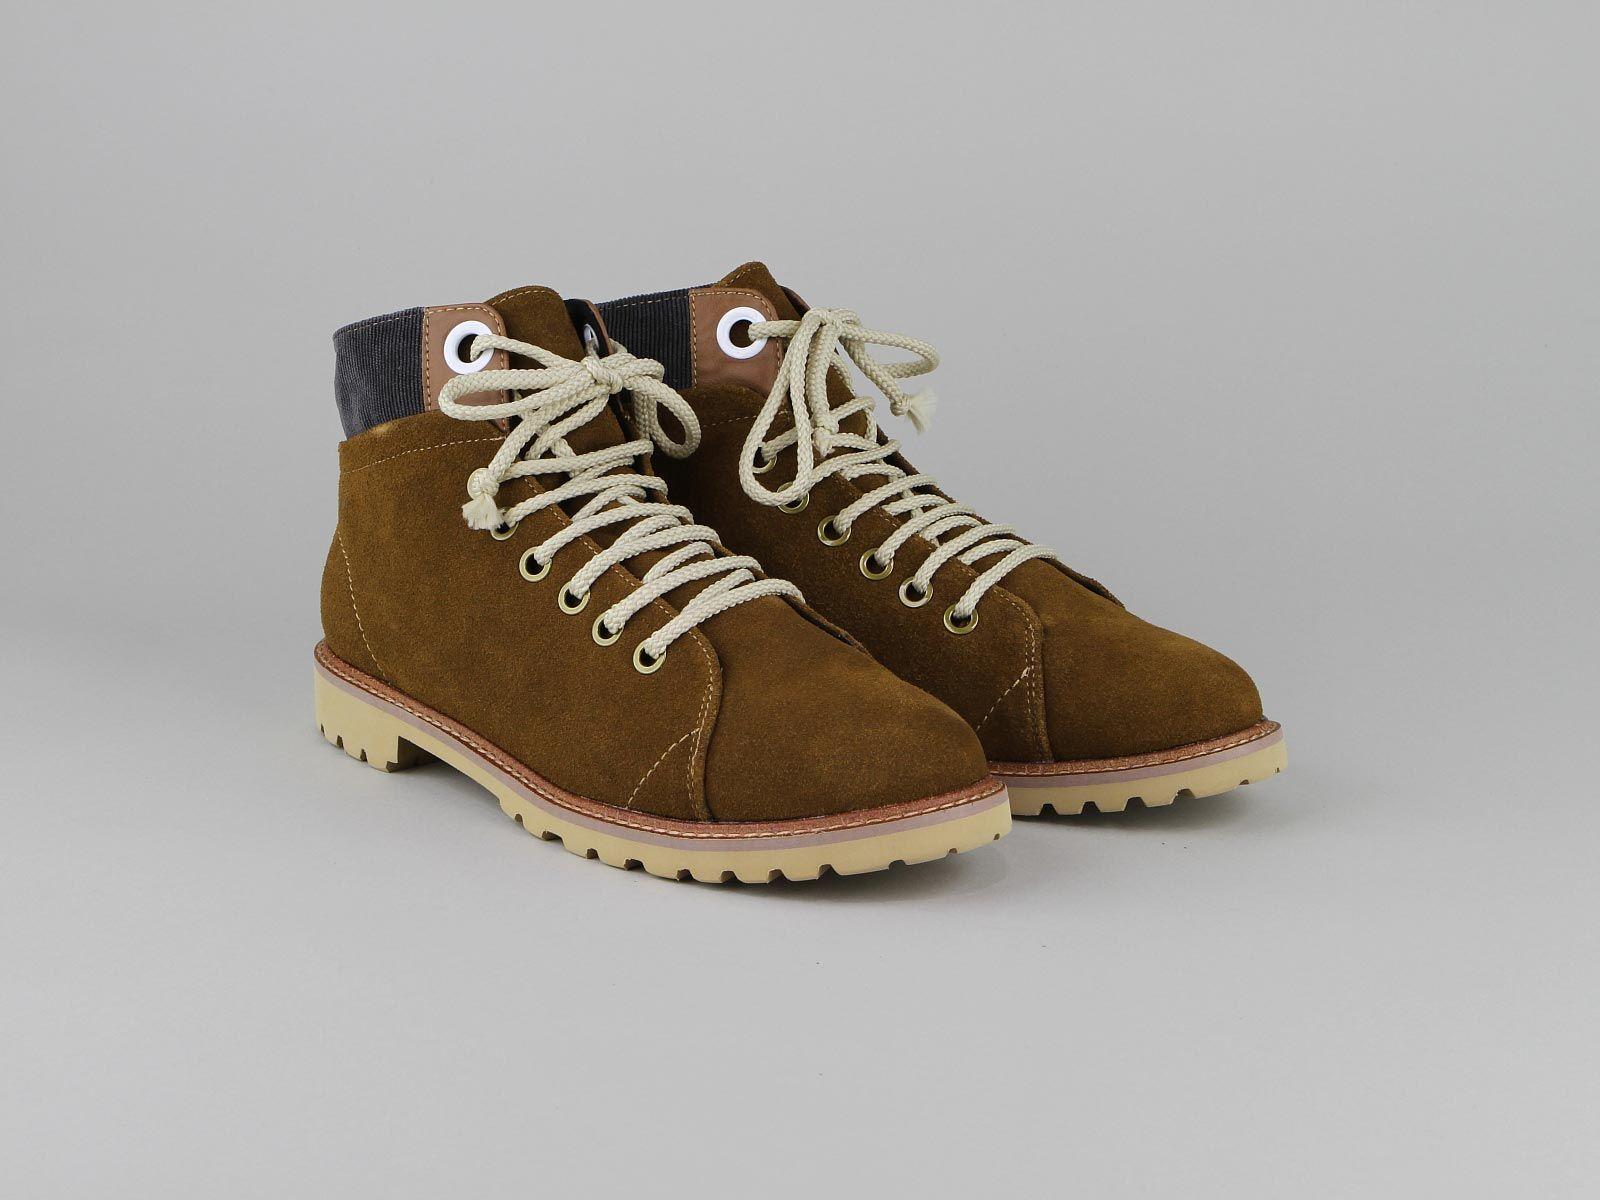 185ec5b1077ec9 Chaussures BLOC Montants Homme Chaussures 1 Homme Armistice ARgFqzA